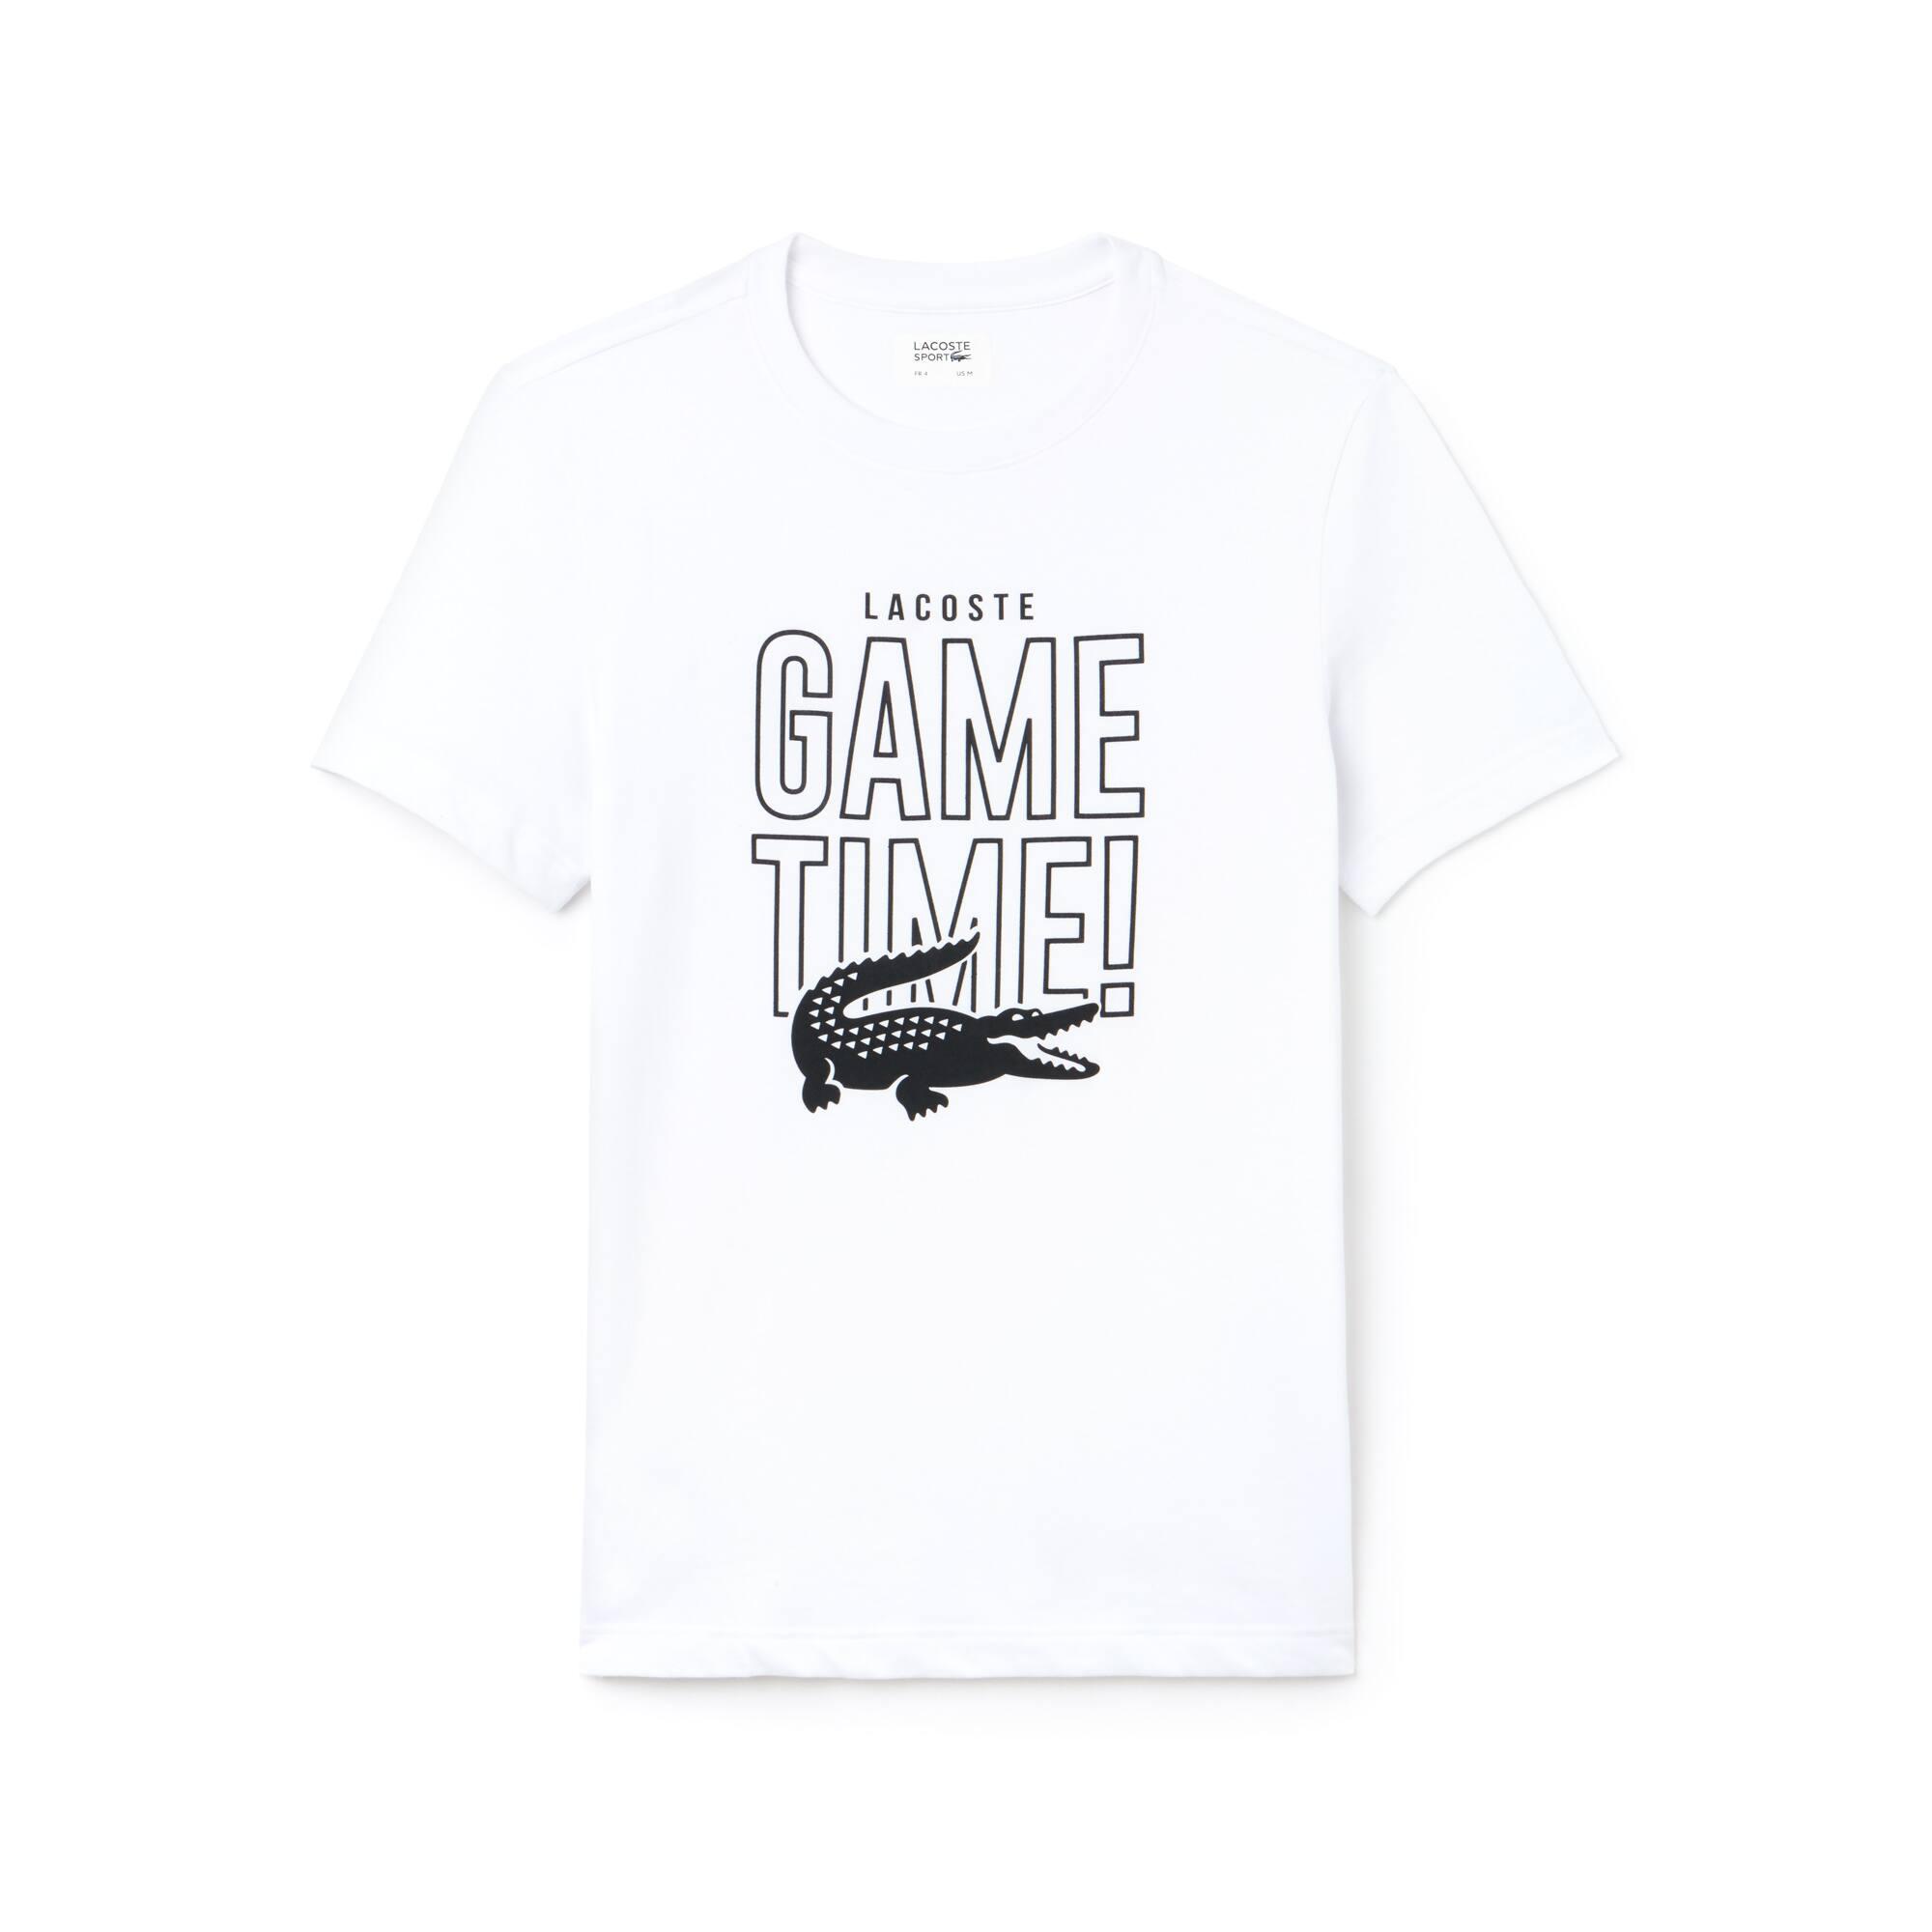 Lacoste - Camiseta De Hombre Lacoste SPORT Tennis Game Time En Tejido De Punto Con Cuello Redondo - 3